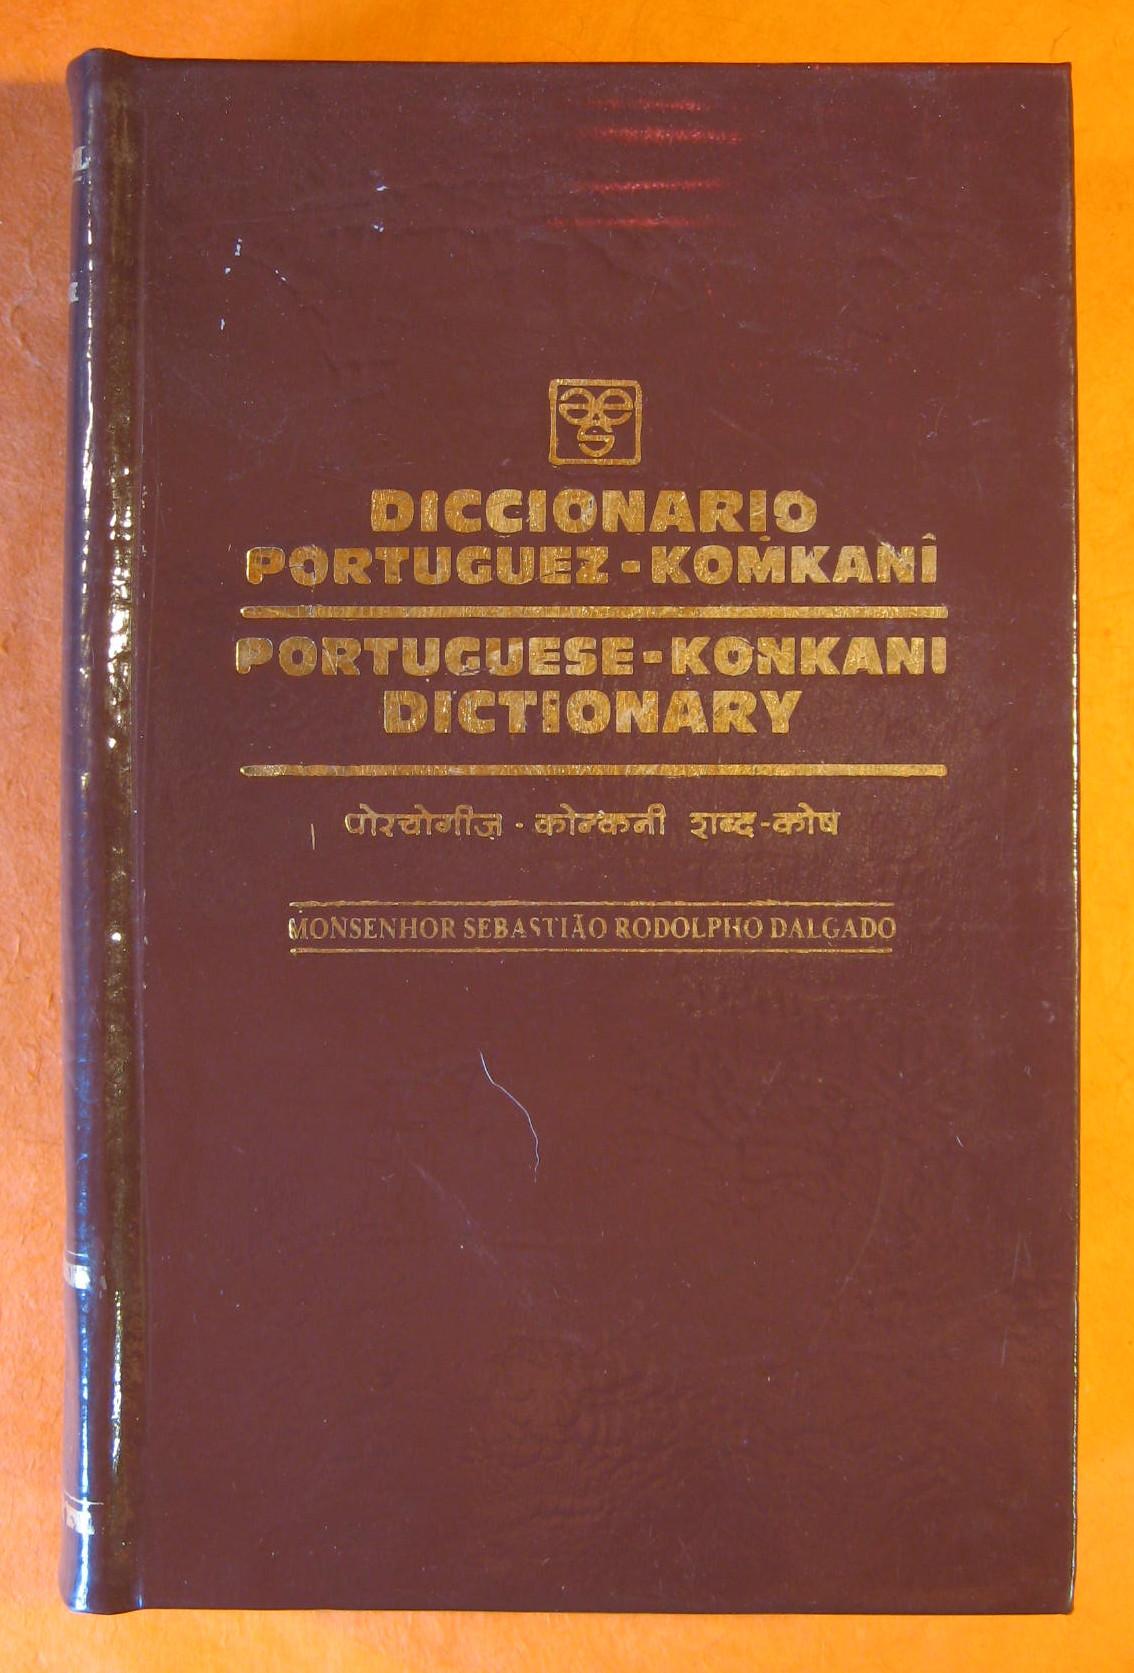 Diccionario Portuguez - Komkani / Portuguese - Konkani Dictionary, Mosenhor Sebastiao Rodolpho Dalgado